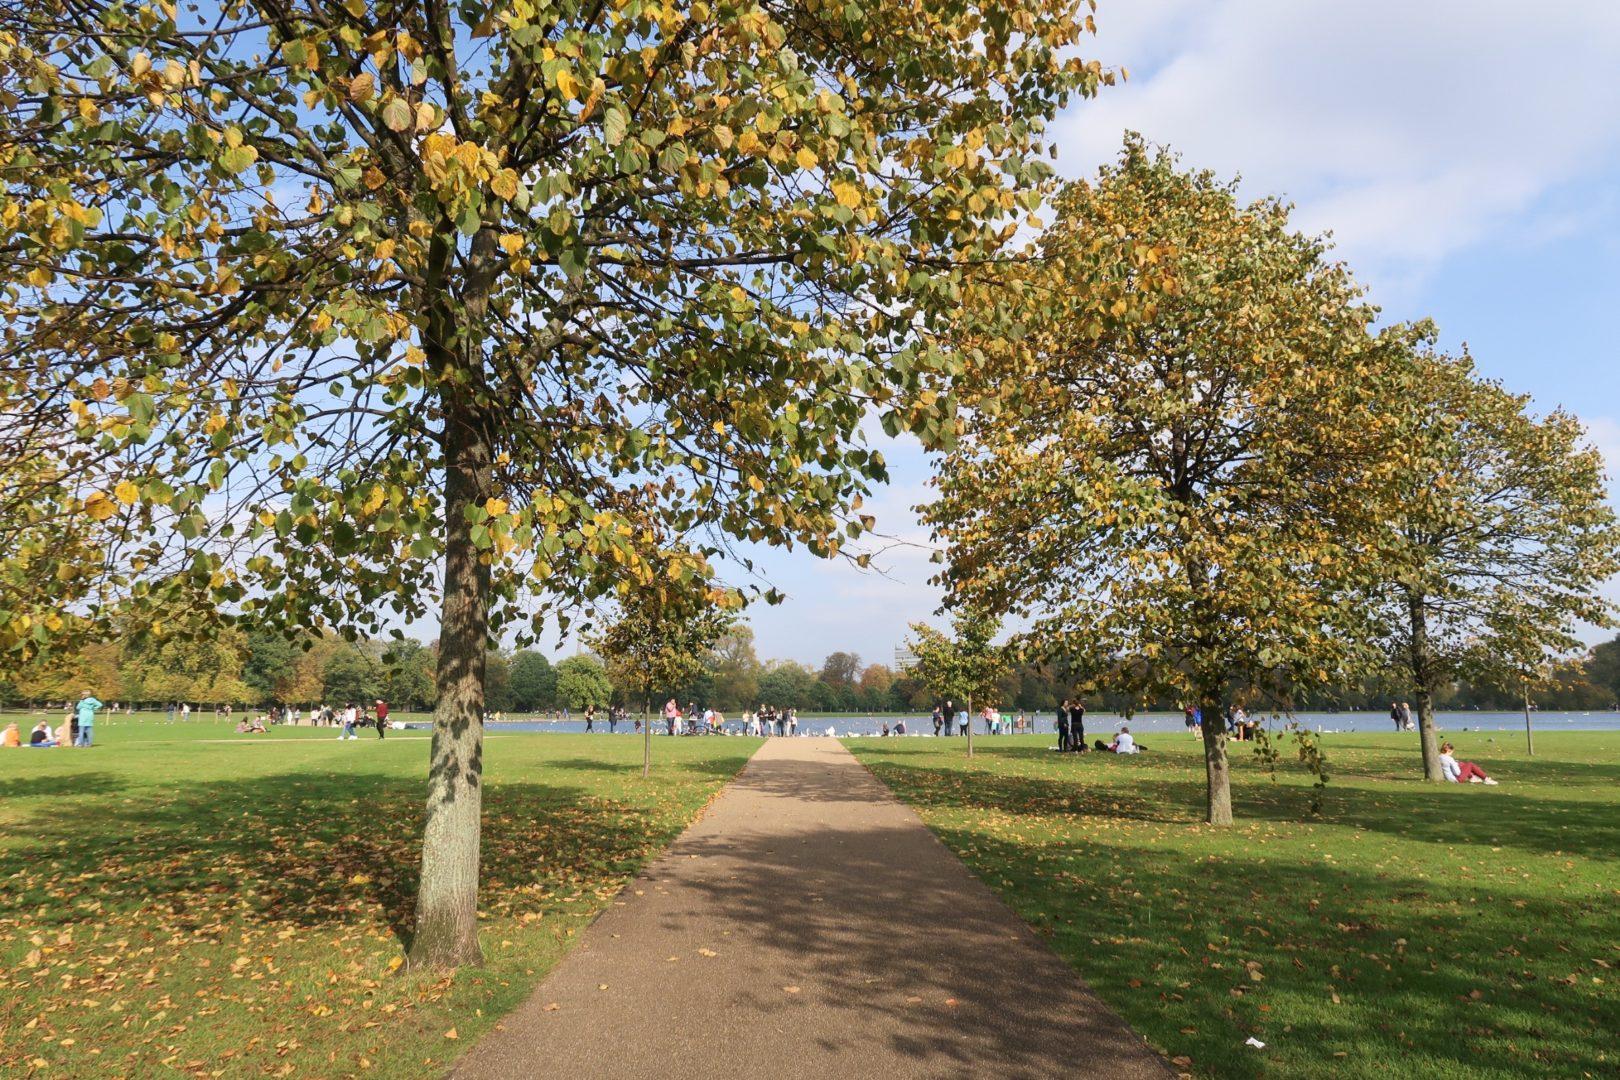 Kensington London - Kensington Gardens